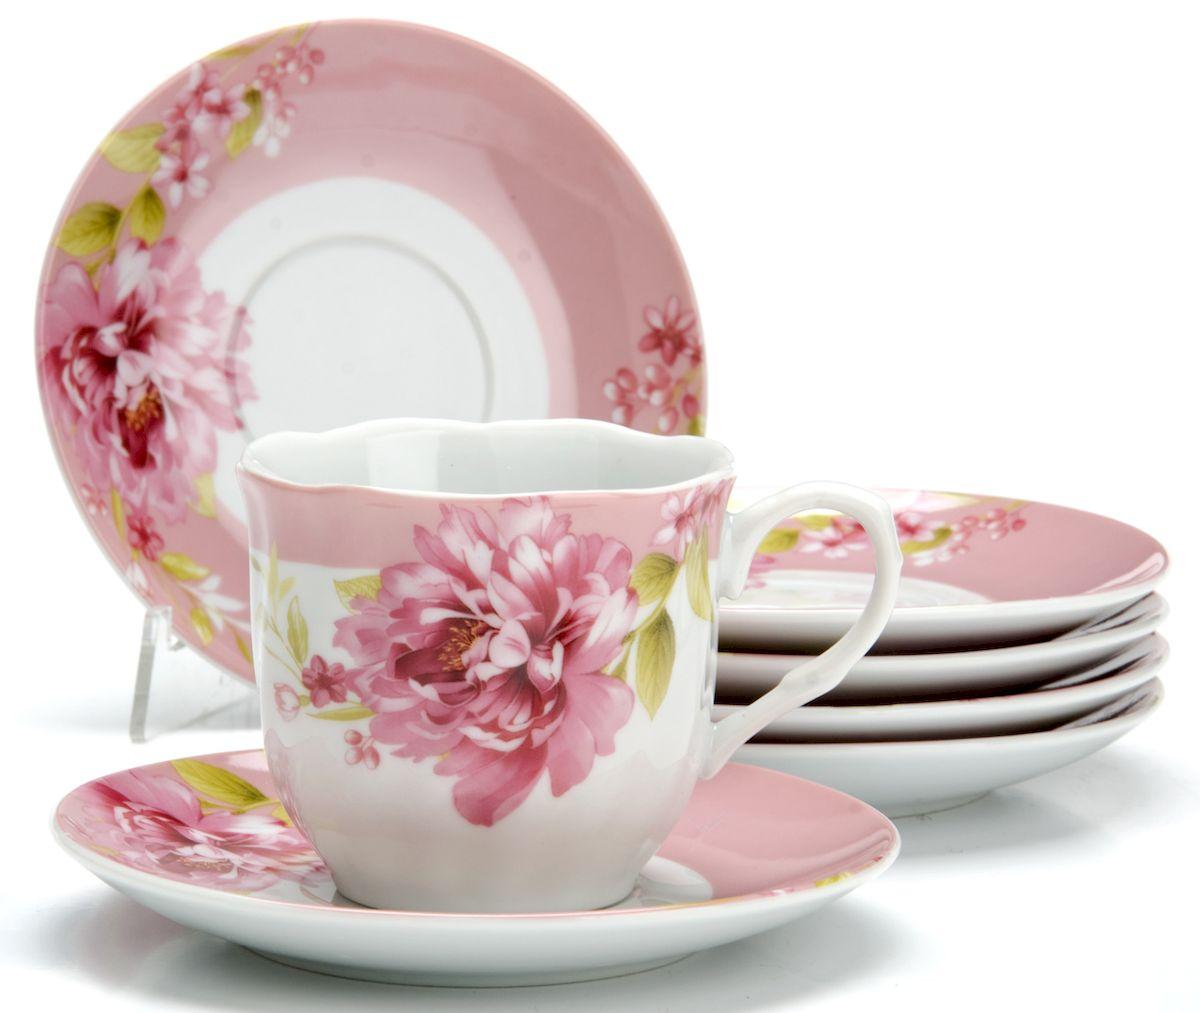 Чайный сервиз Loraine Цветы, 220 мл, 12 предметов. 2591525915